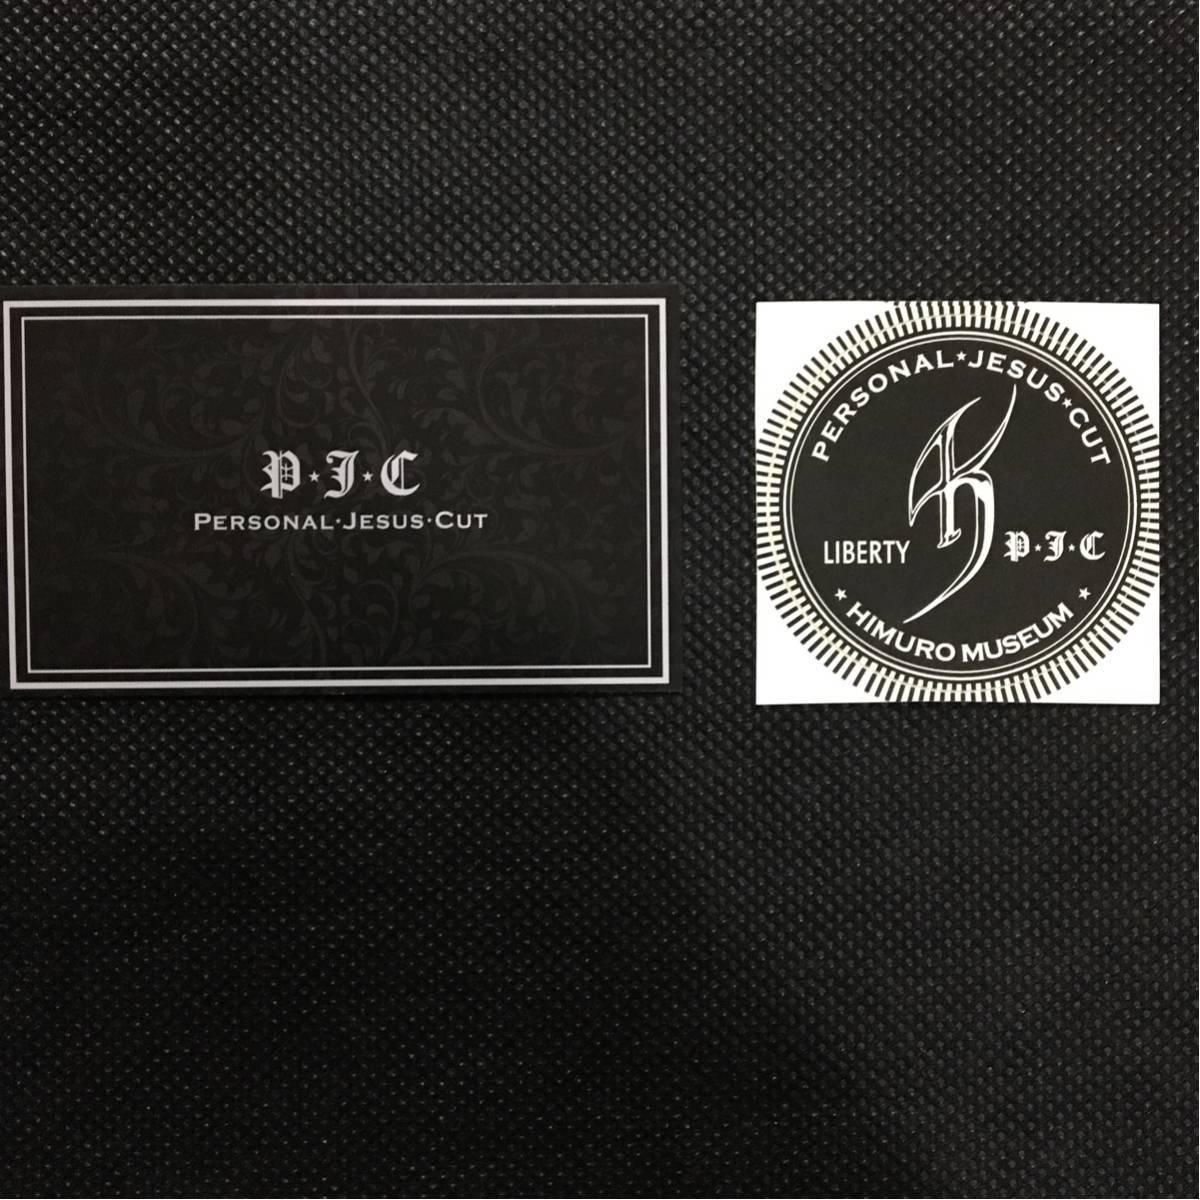 氷室京介 PERSONAL JESUS CUT ステッカー 名刺 セット PJC 非売品 シール カード